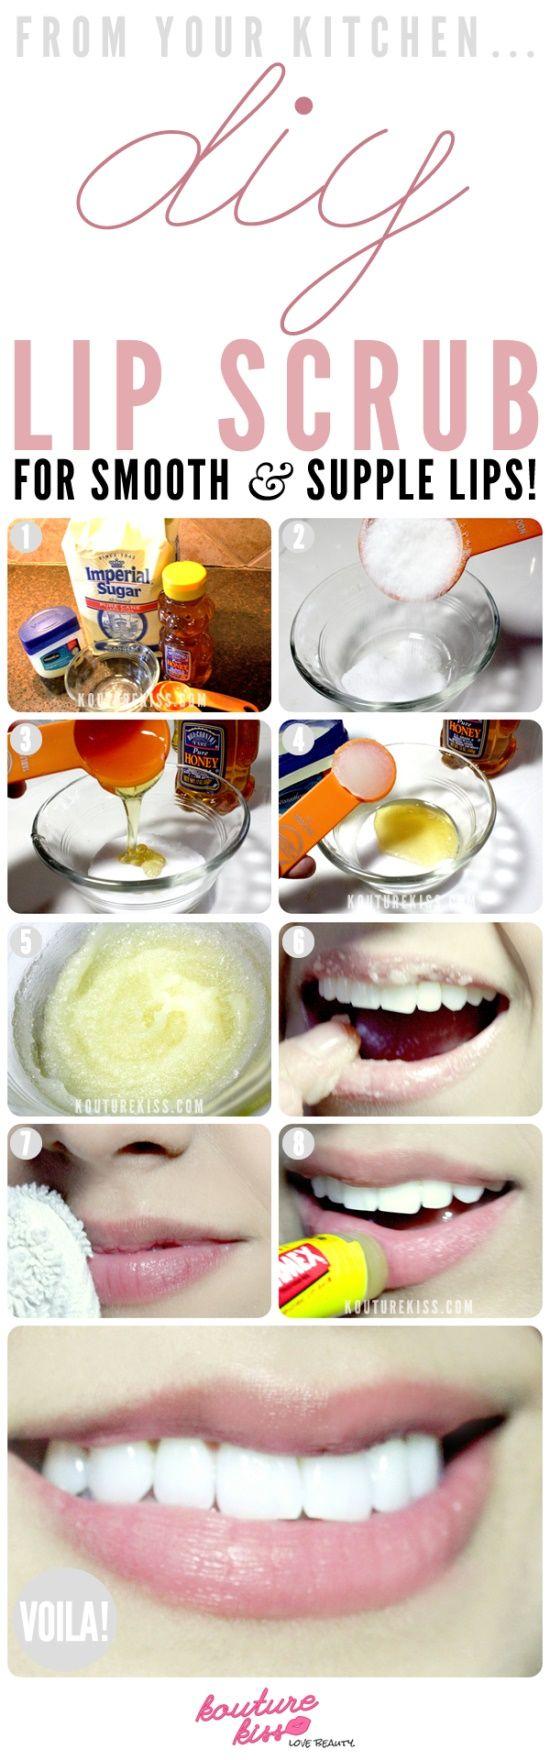 DIY - Lip Scrub!   Exfoliante labial casero!  miel + azúcar + vaselina